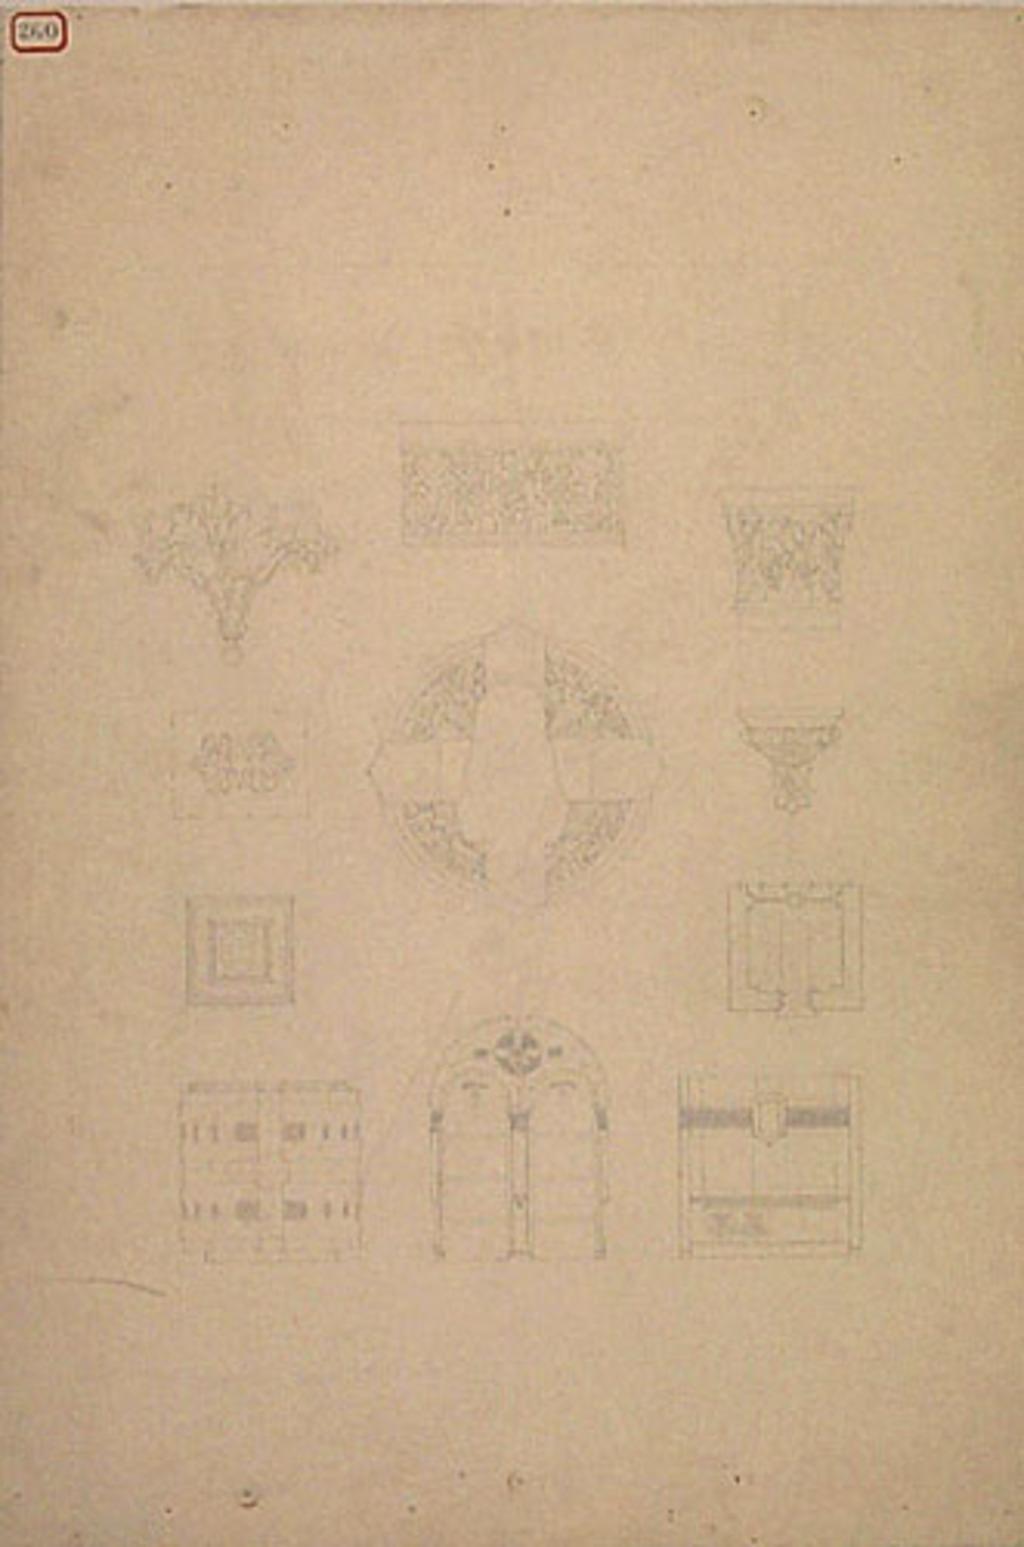 Caveau funéraire de la famille Bourassa, Montebello. Motifs décoratifs